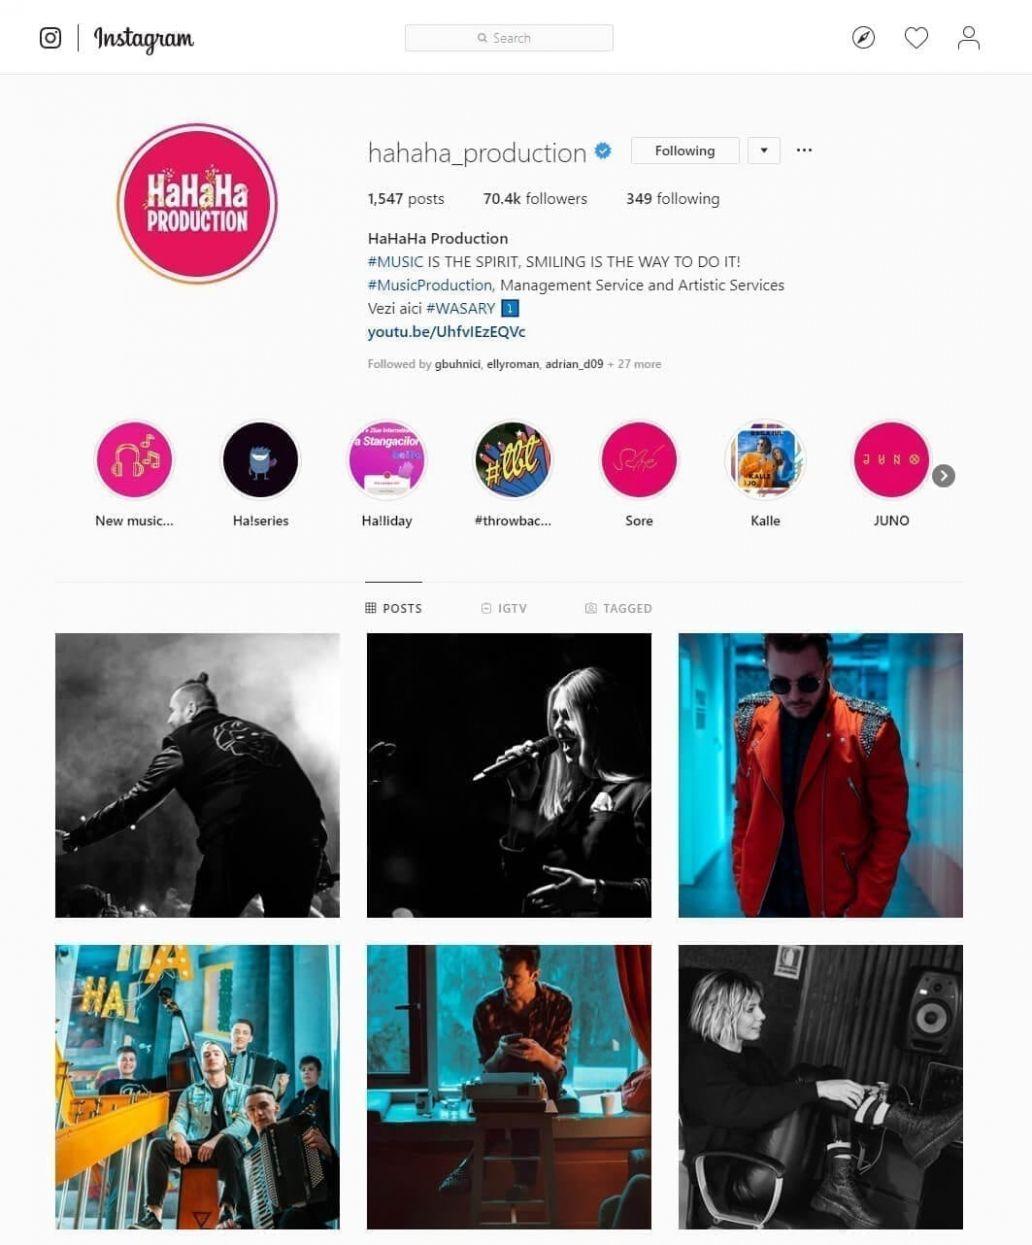 Social media hahaha_production